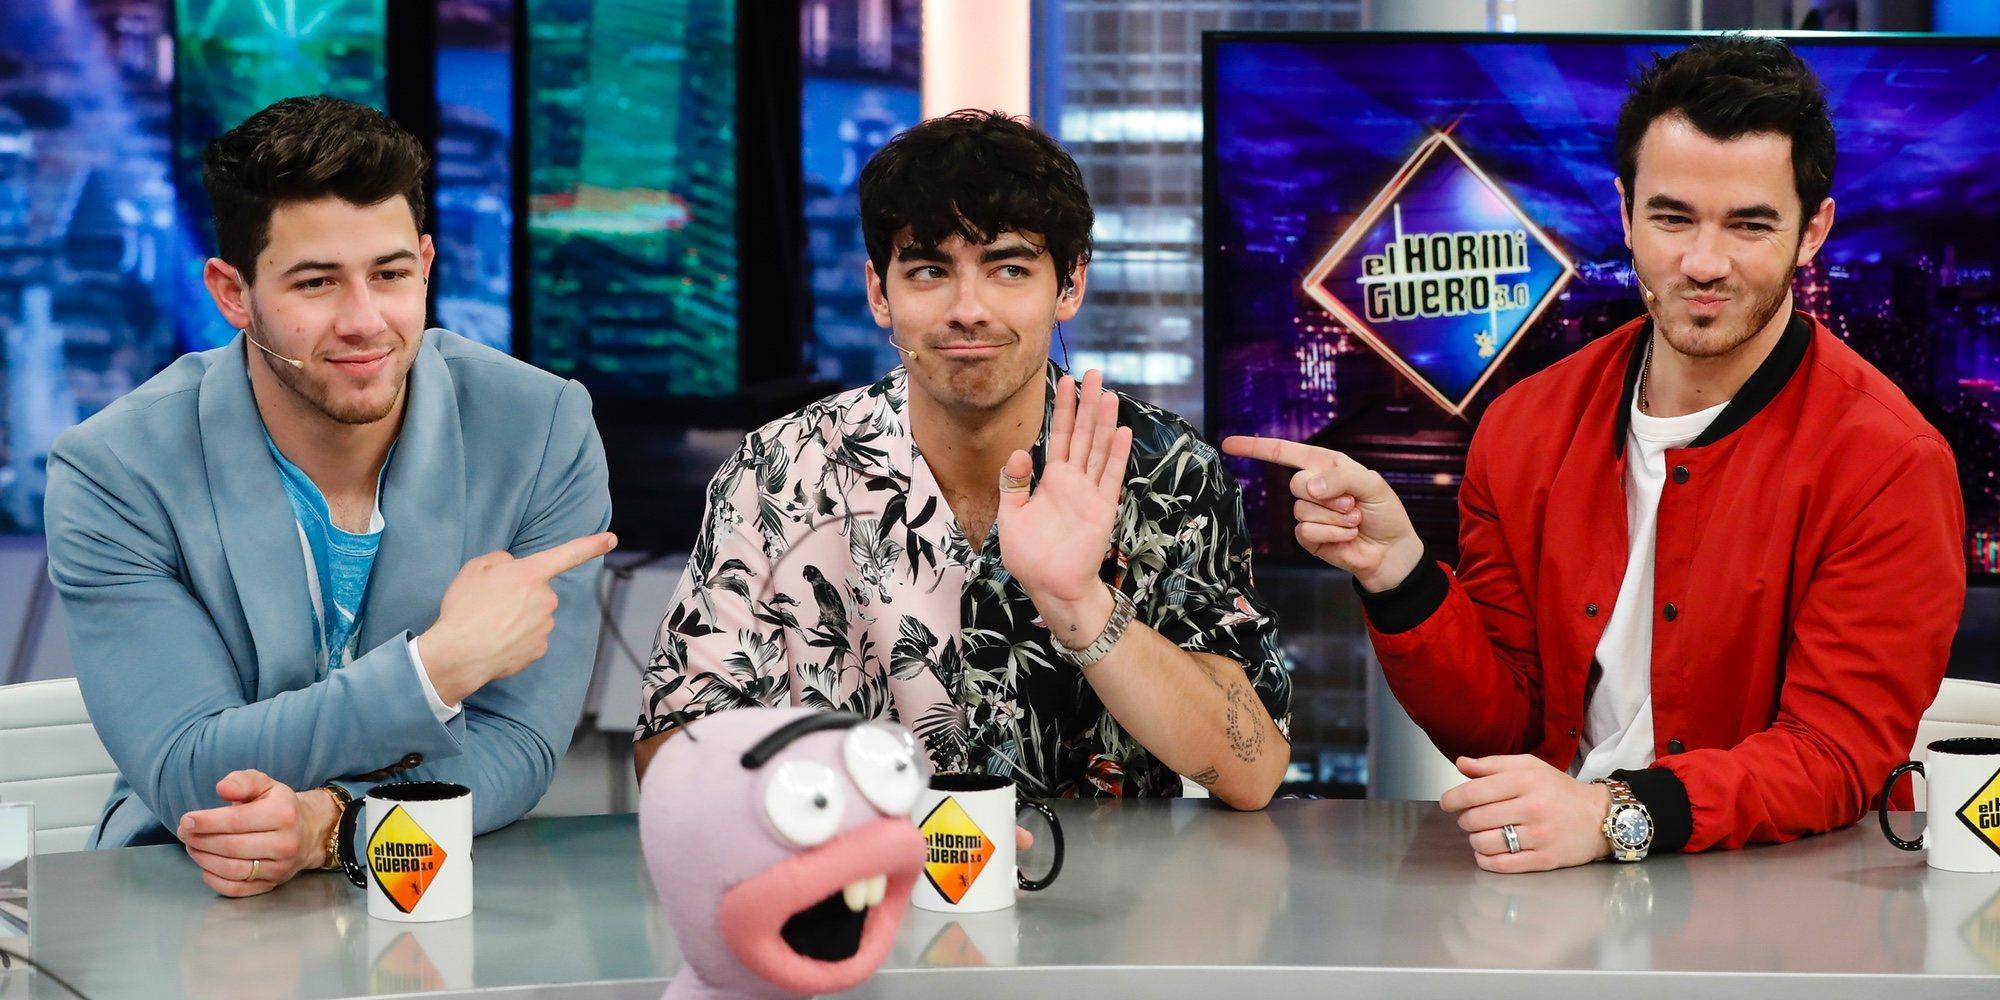 Los Jonas Brothers siguen levantando pasiones tras su vuelta a España en 'El Hormiguero'